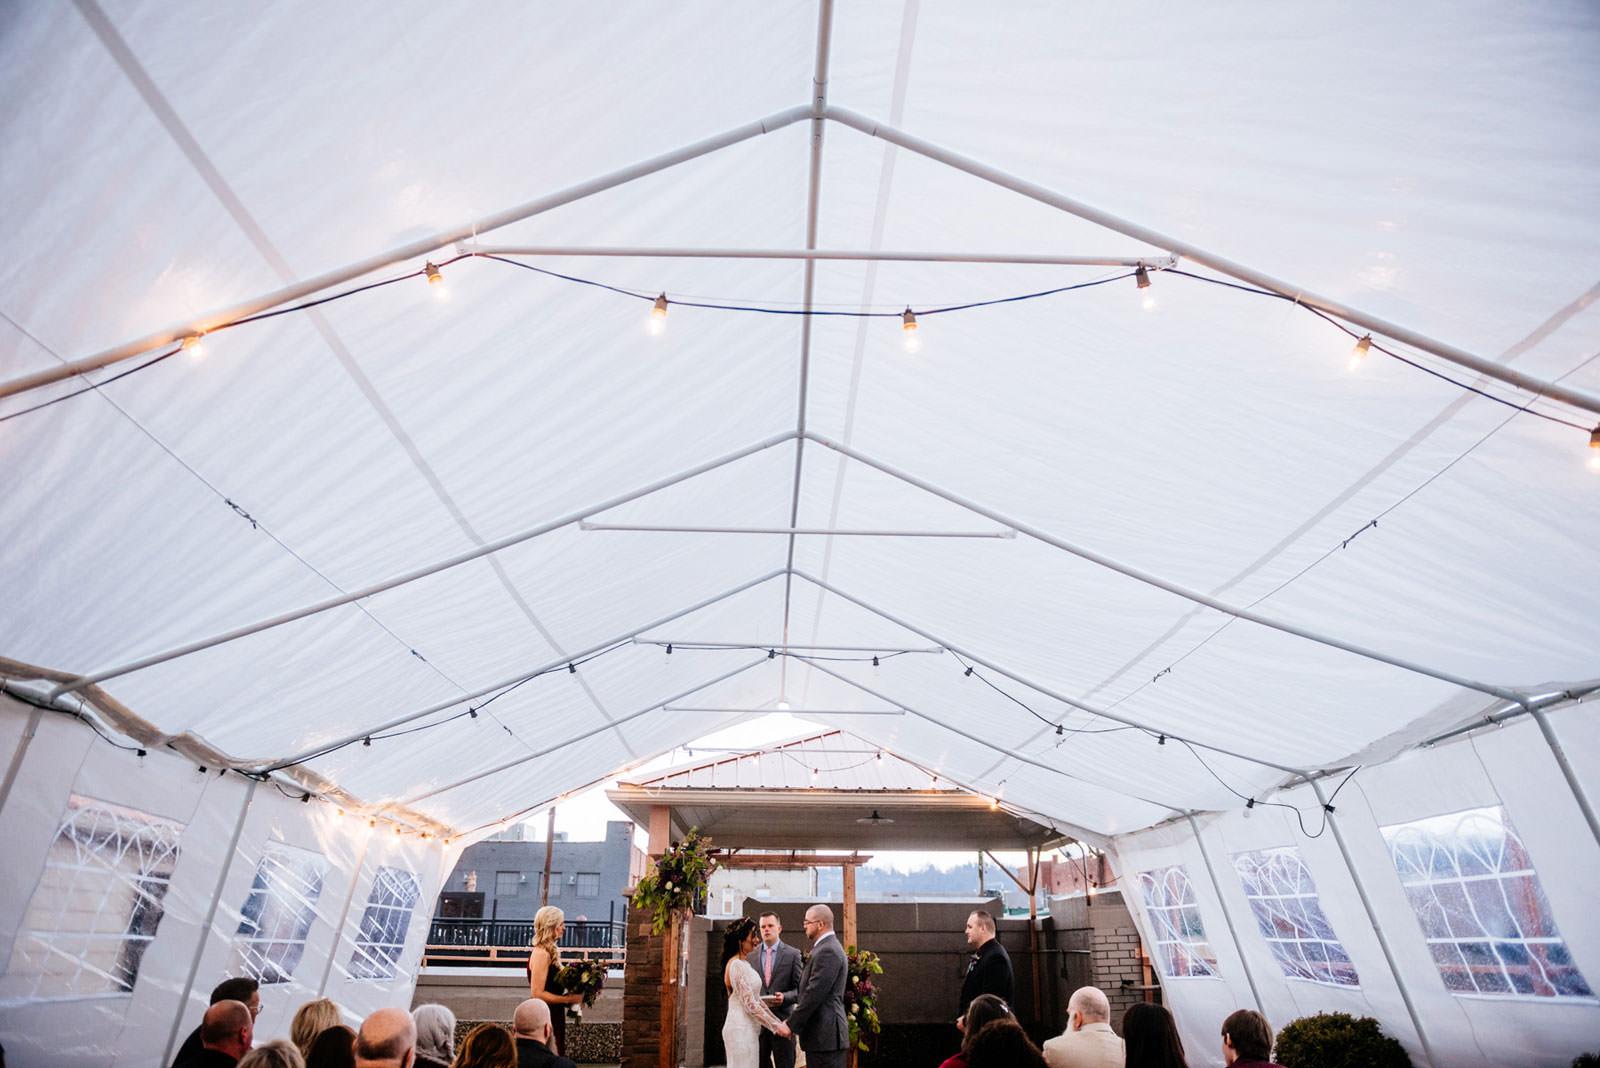 wedding on rooftop tent morgantown west virginia